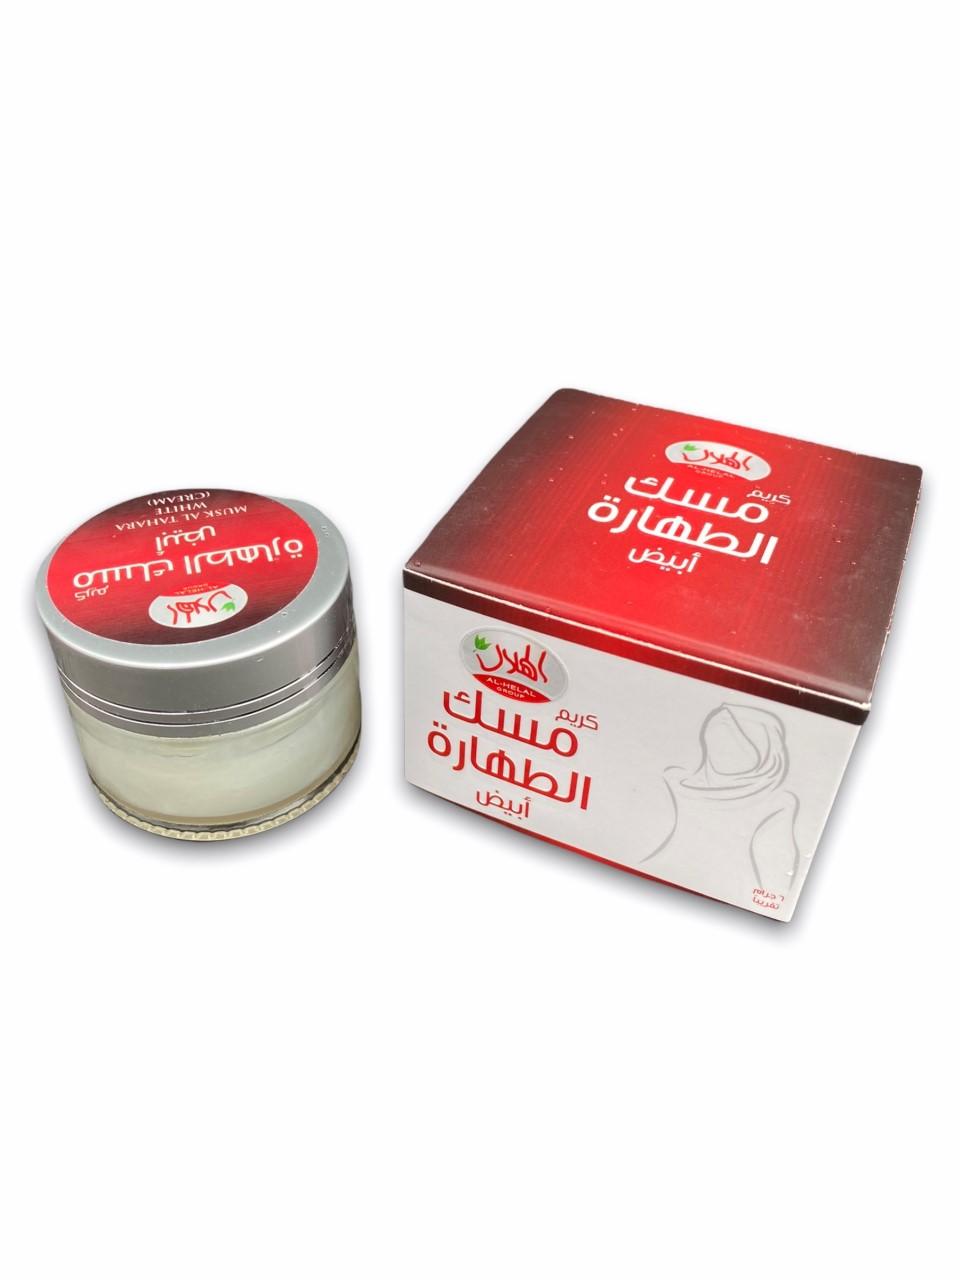 Musc Tahara Crème pour le Corp. Véritable Musc Blanc provenance Arabie Saoudite Idéale pour parfumer le corps beaucoup utilisé par les femmes. Contenance: environ 6 grammes.